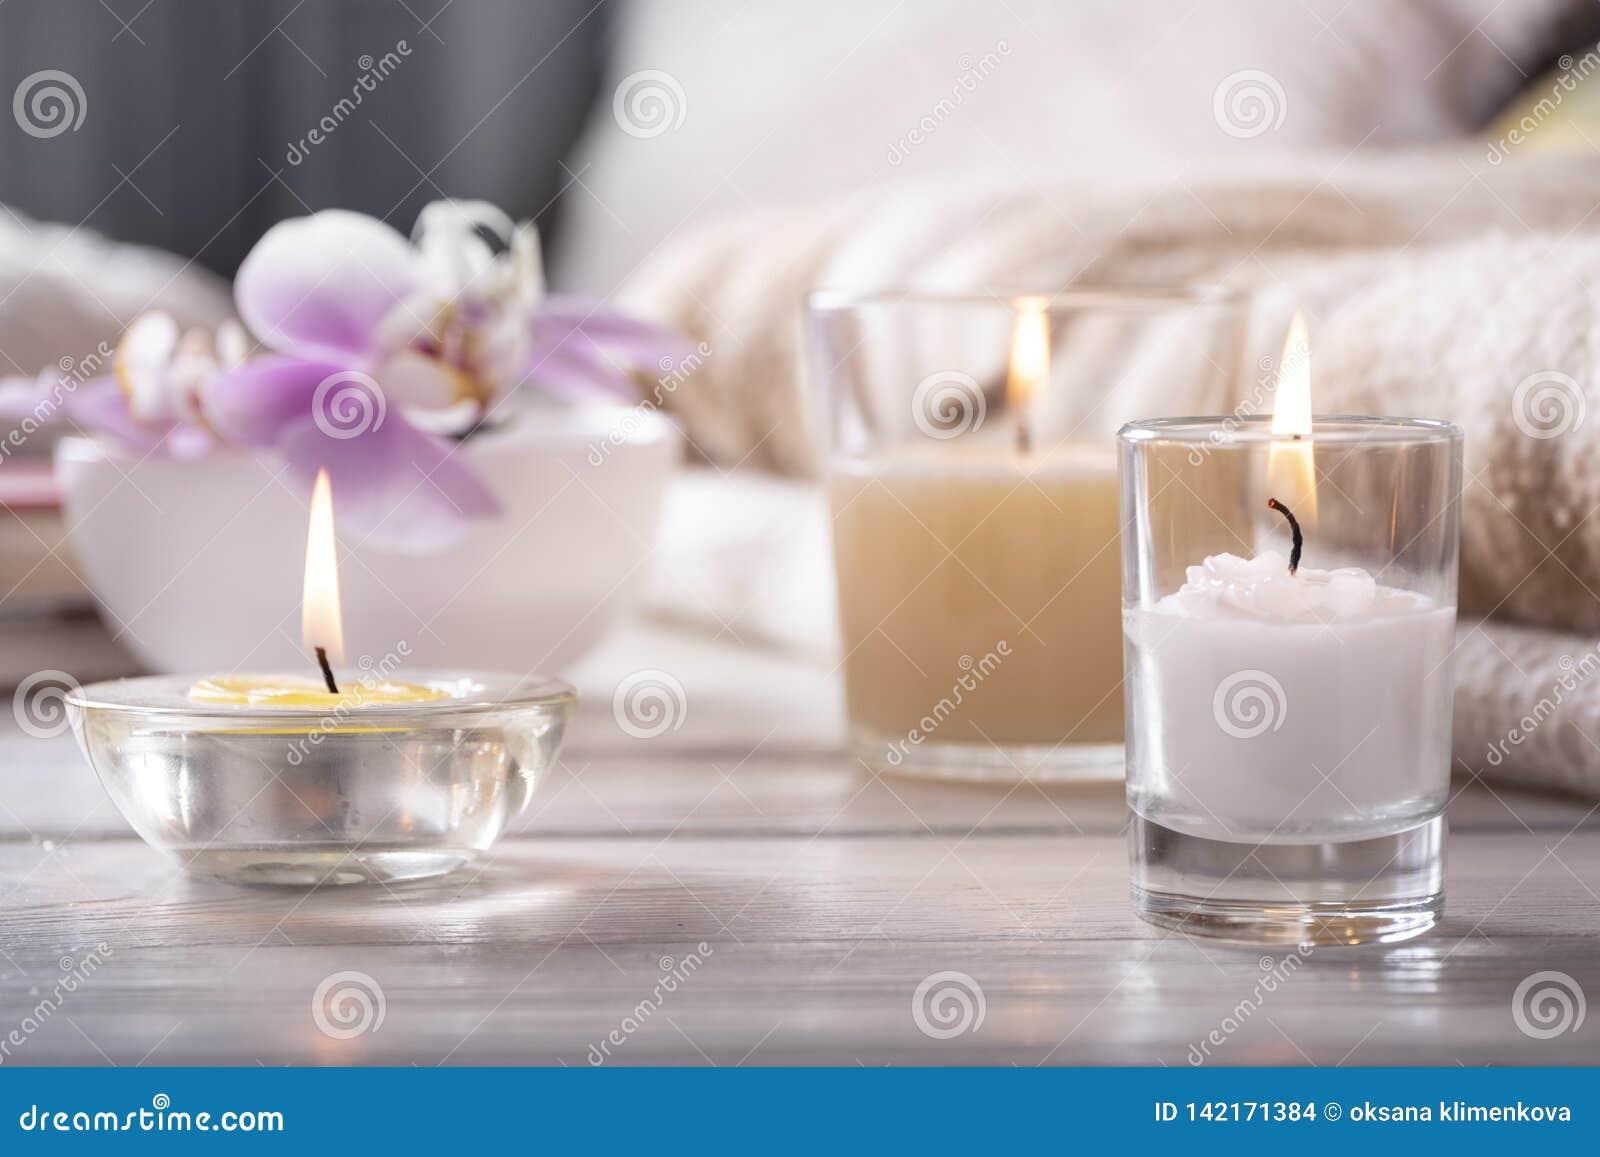 Opracowane do domu żywy wewnętrznego styl retro pokoju Wciąż życie z detailes Kwiat jest wazowy, świeczki, na białym drewnianym s